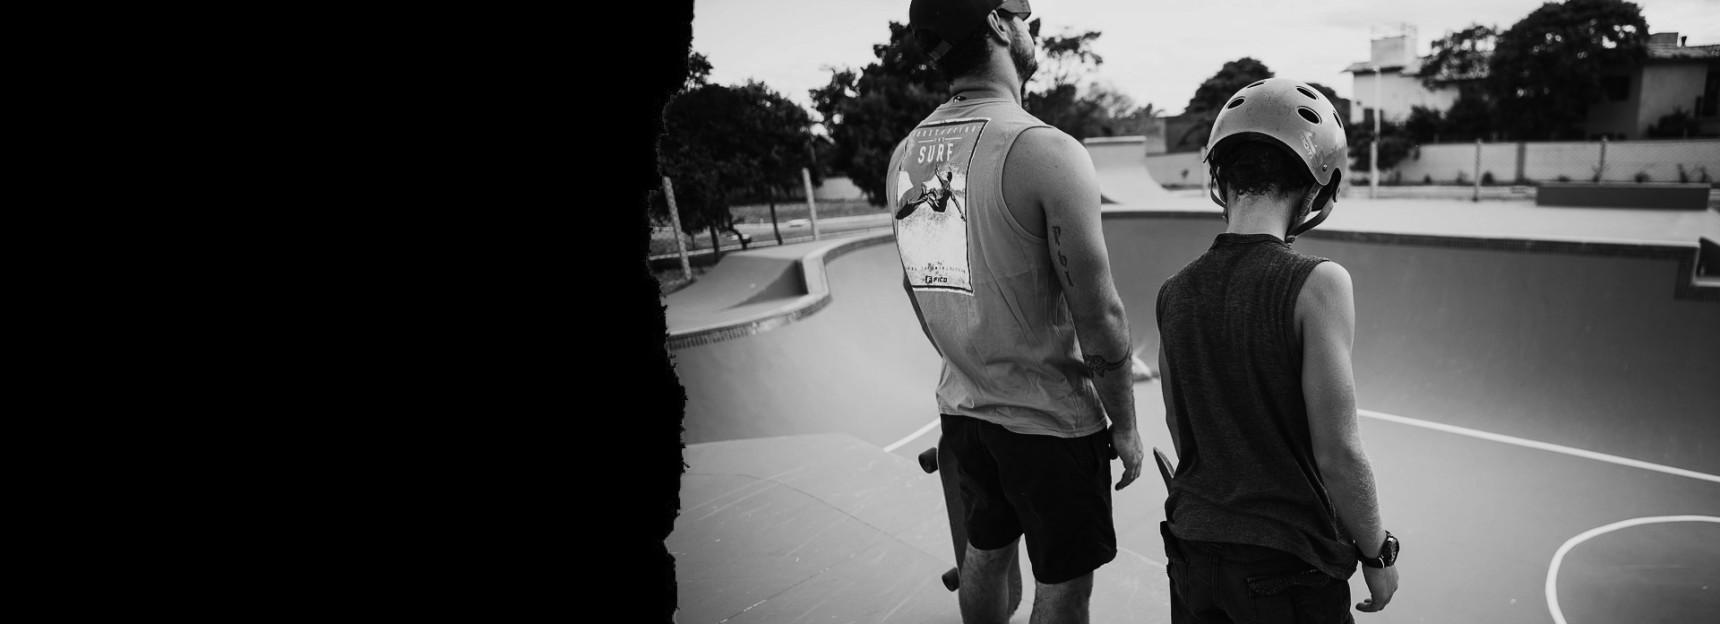 Rolê de Skate